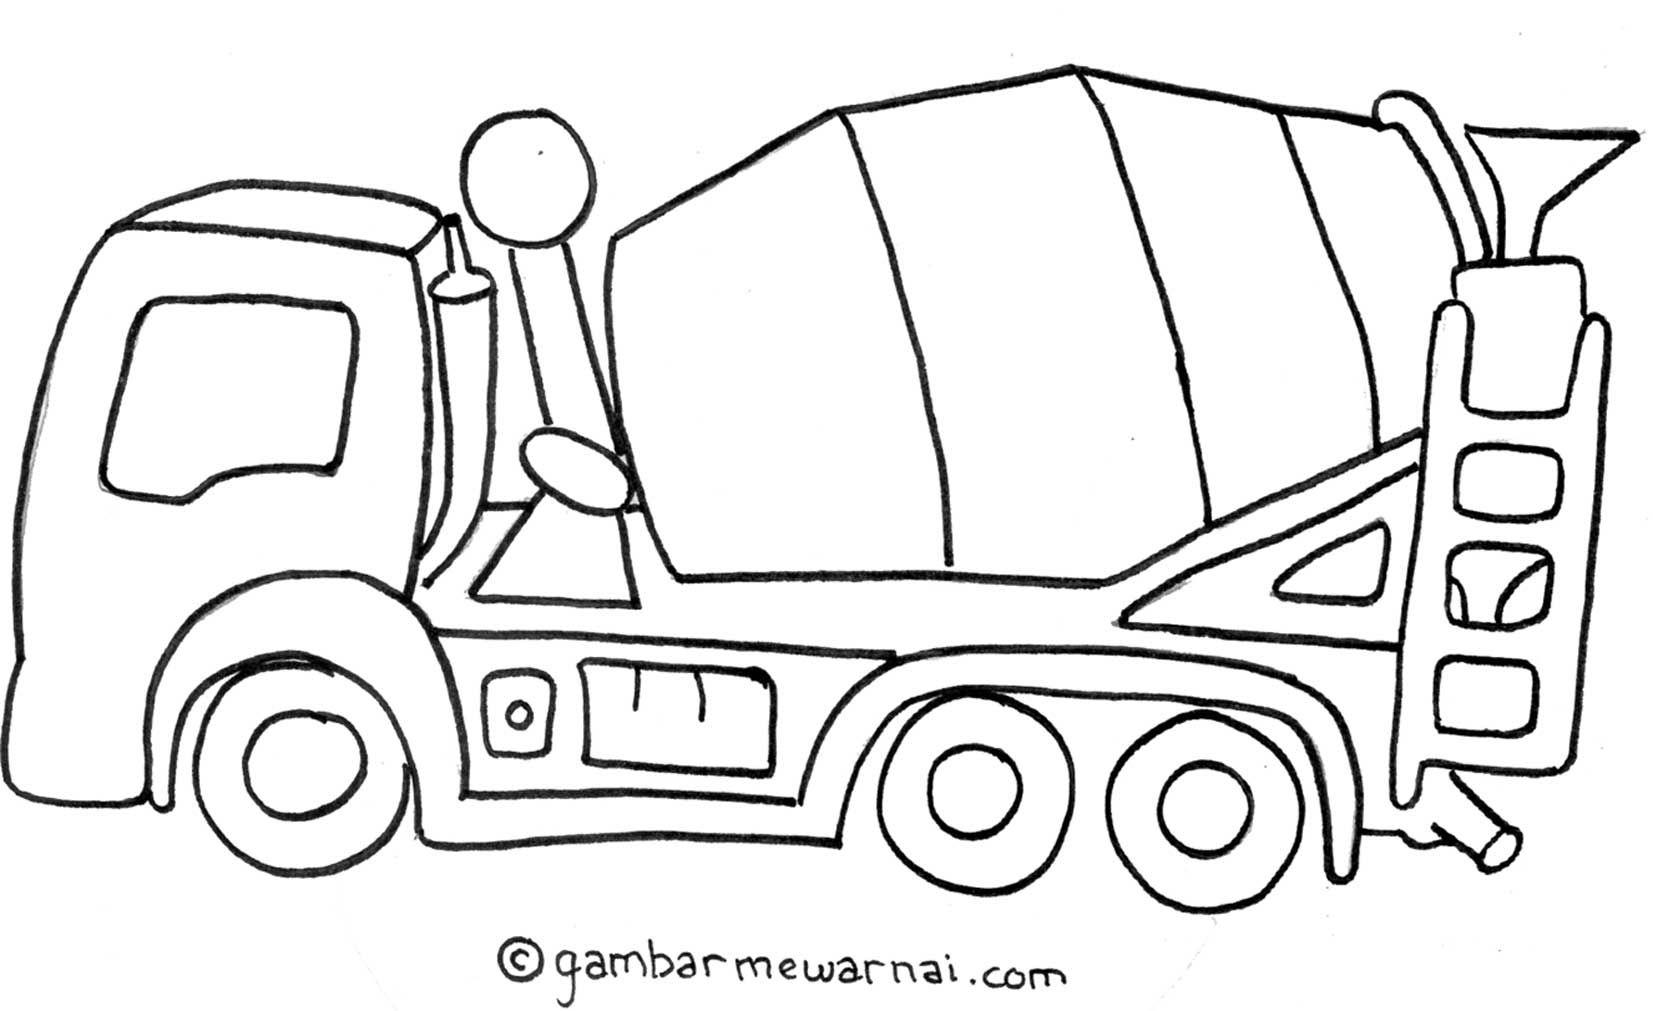 Belajar Mewarnai Gambar Mobil Molen  gajebo  Gambar